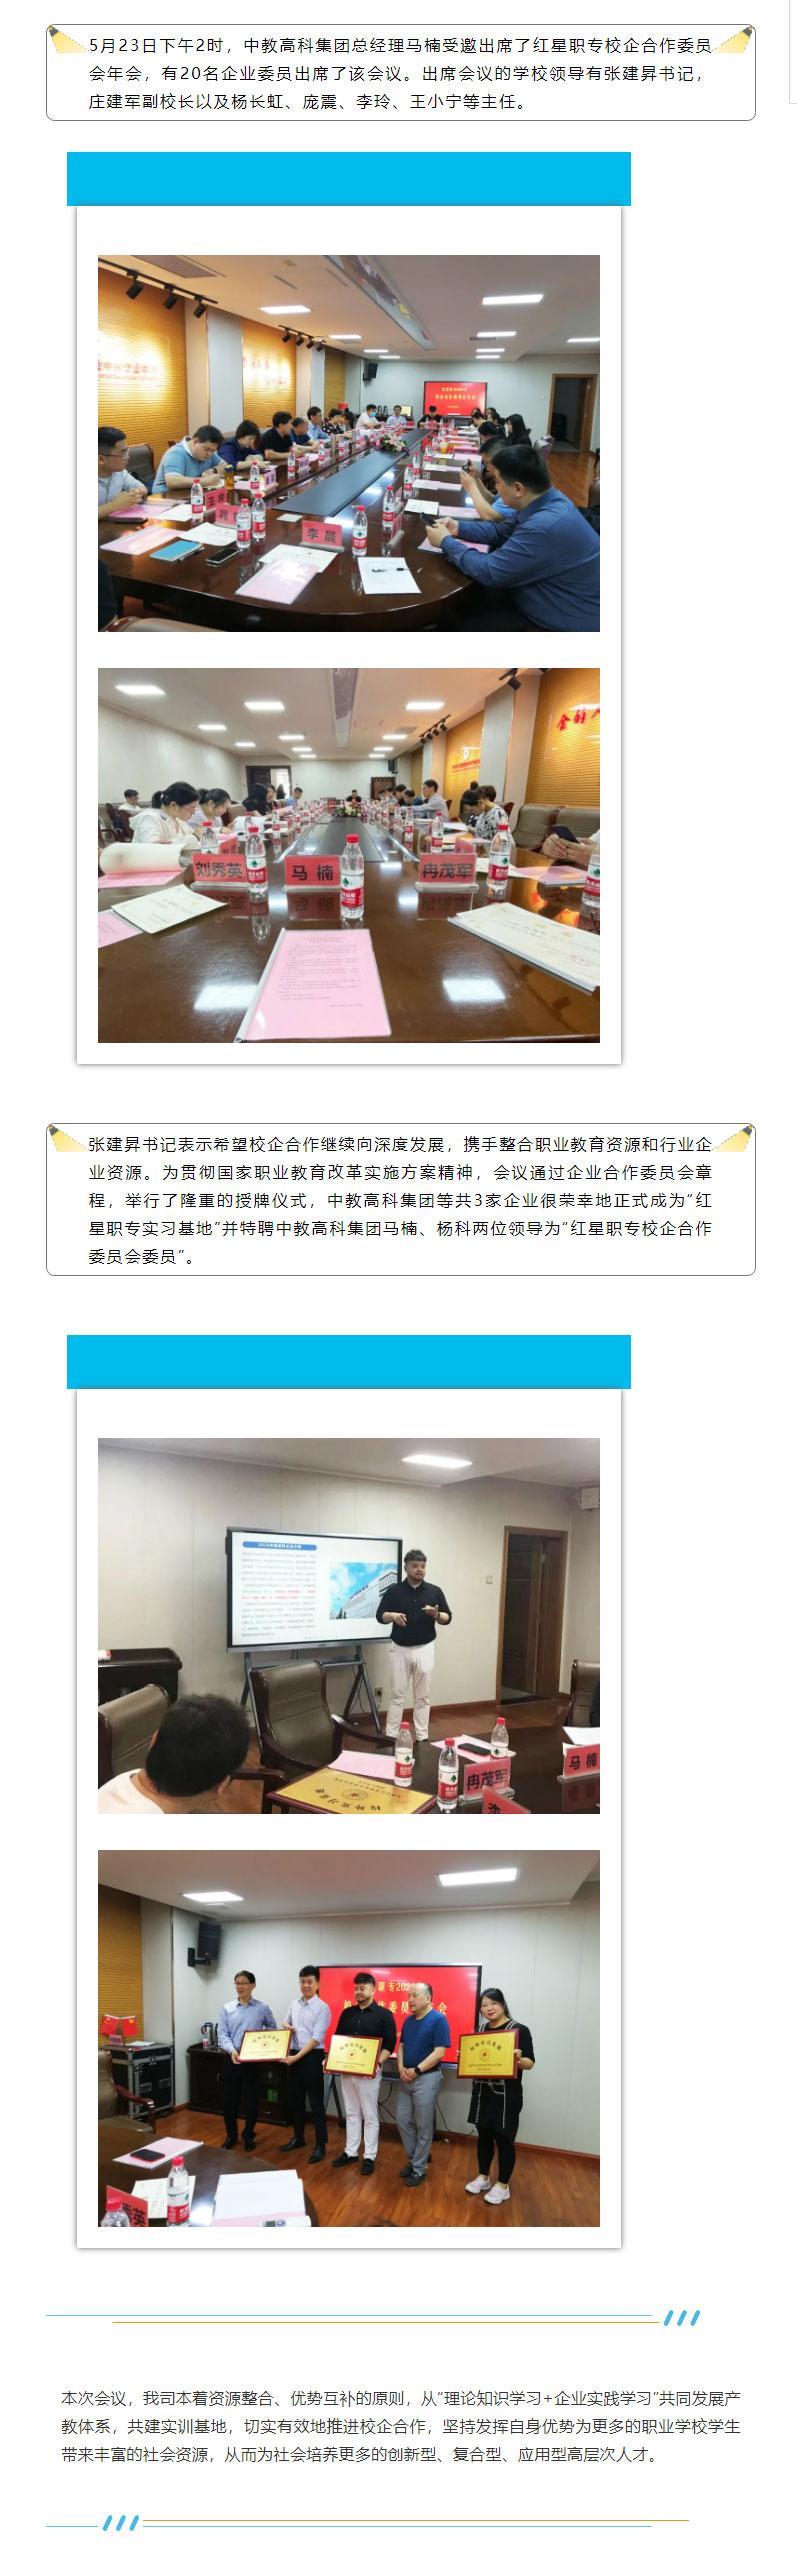 中教集团受邀出席红星职专校企合作委员会年会.jpg